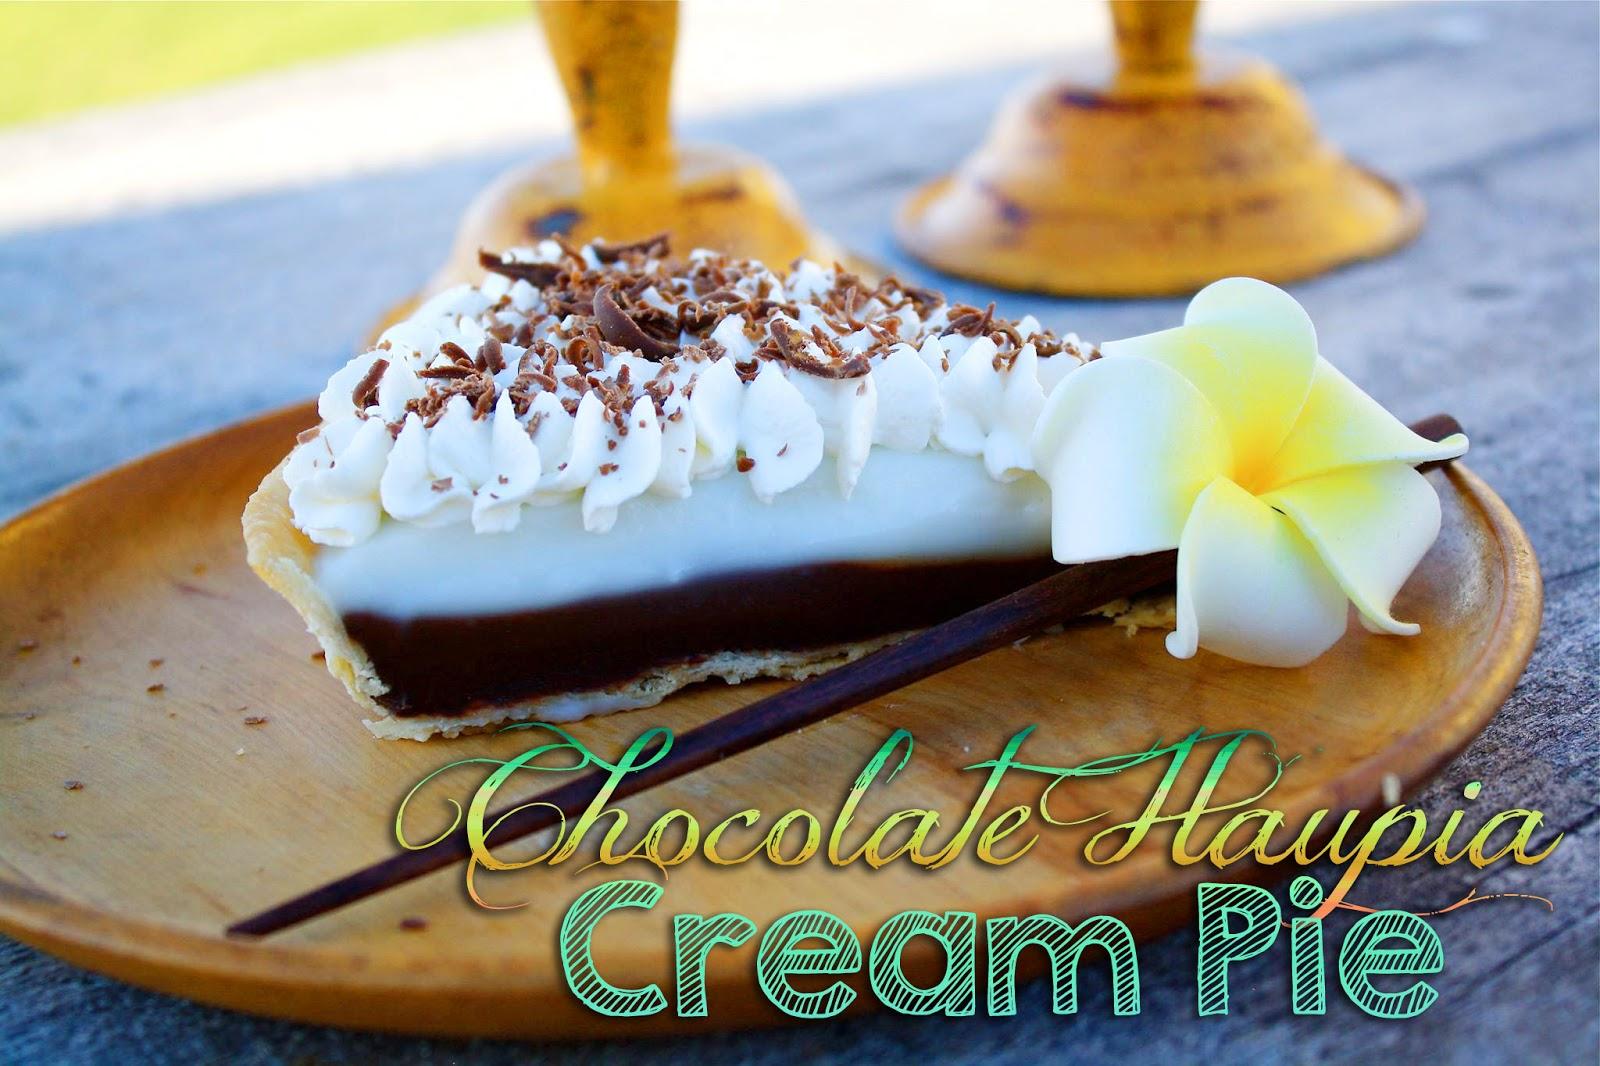 Chocolate+Haupia+Pie.jpg